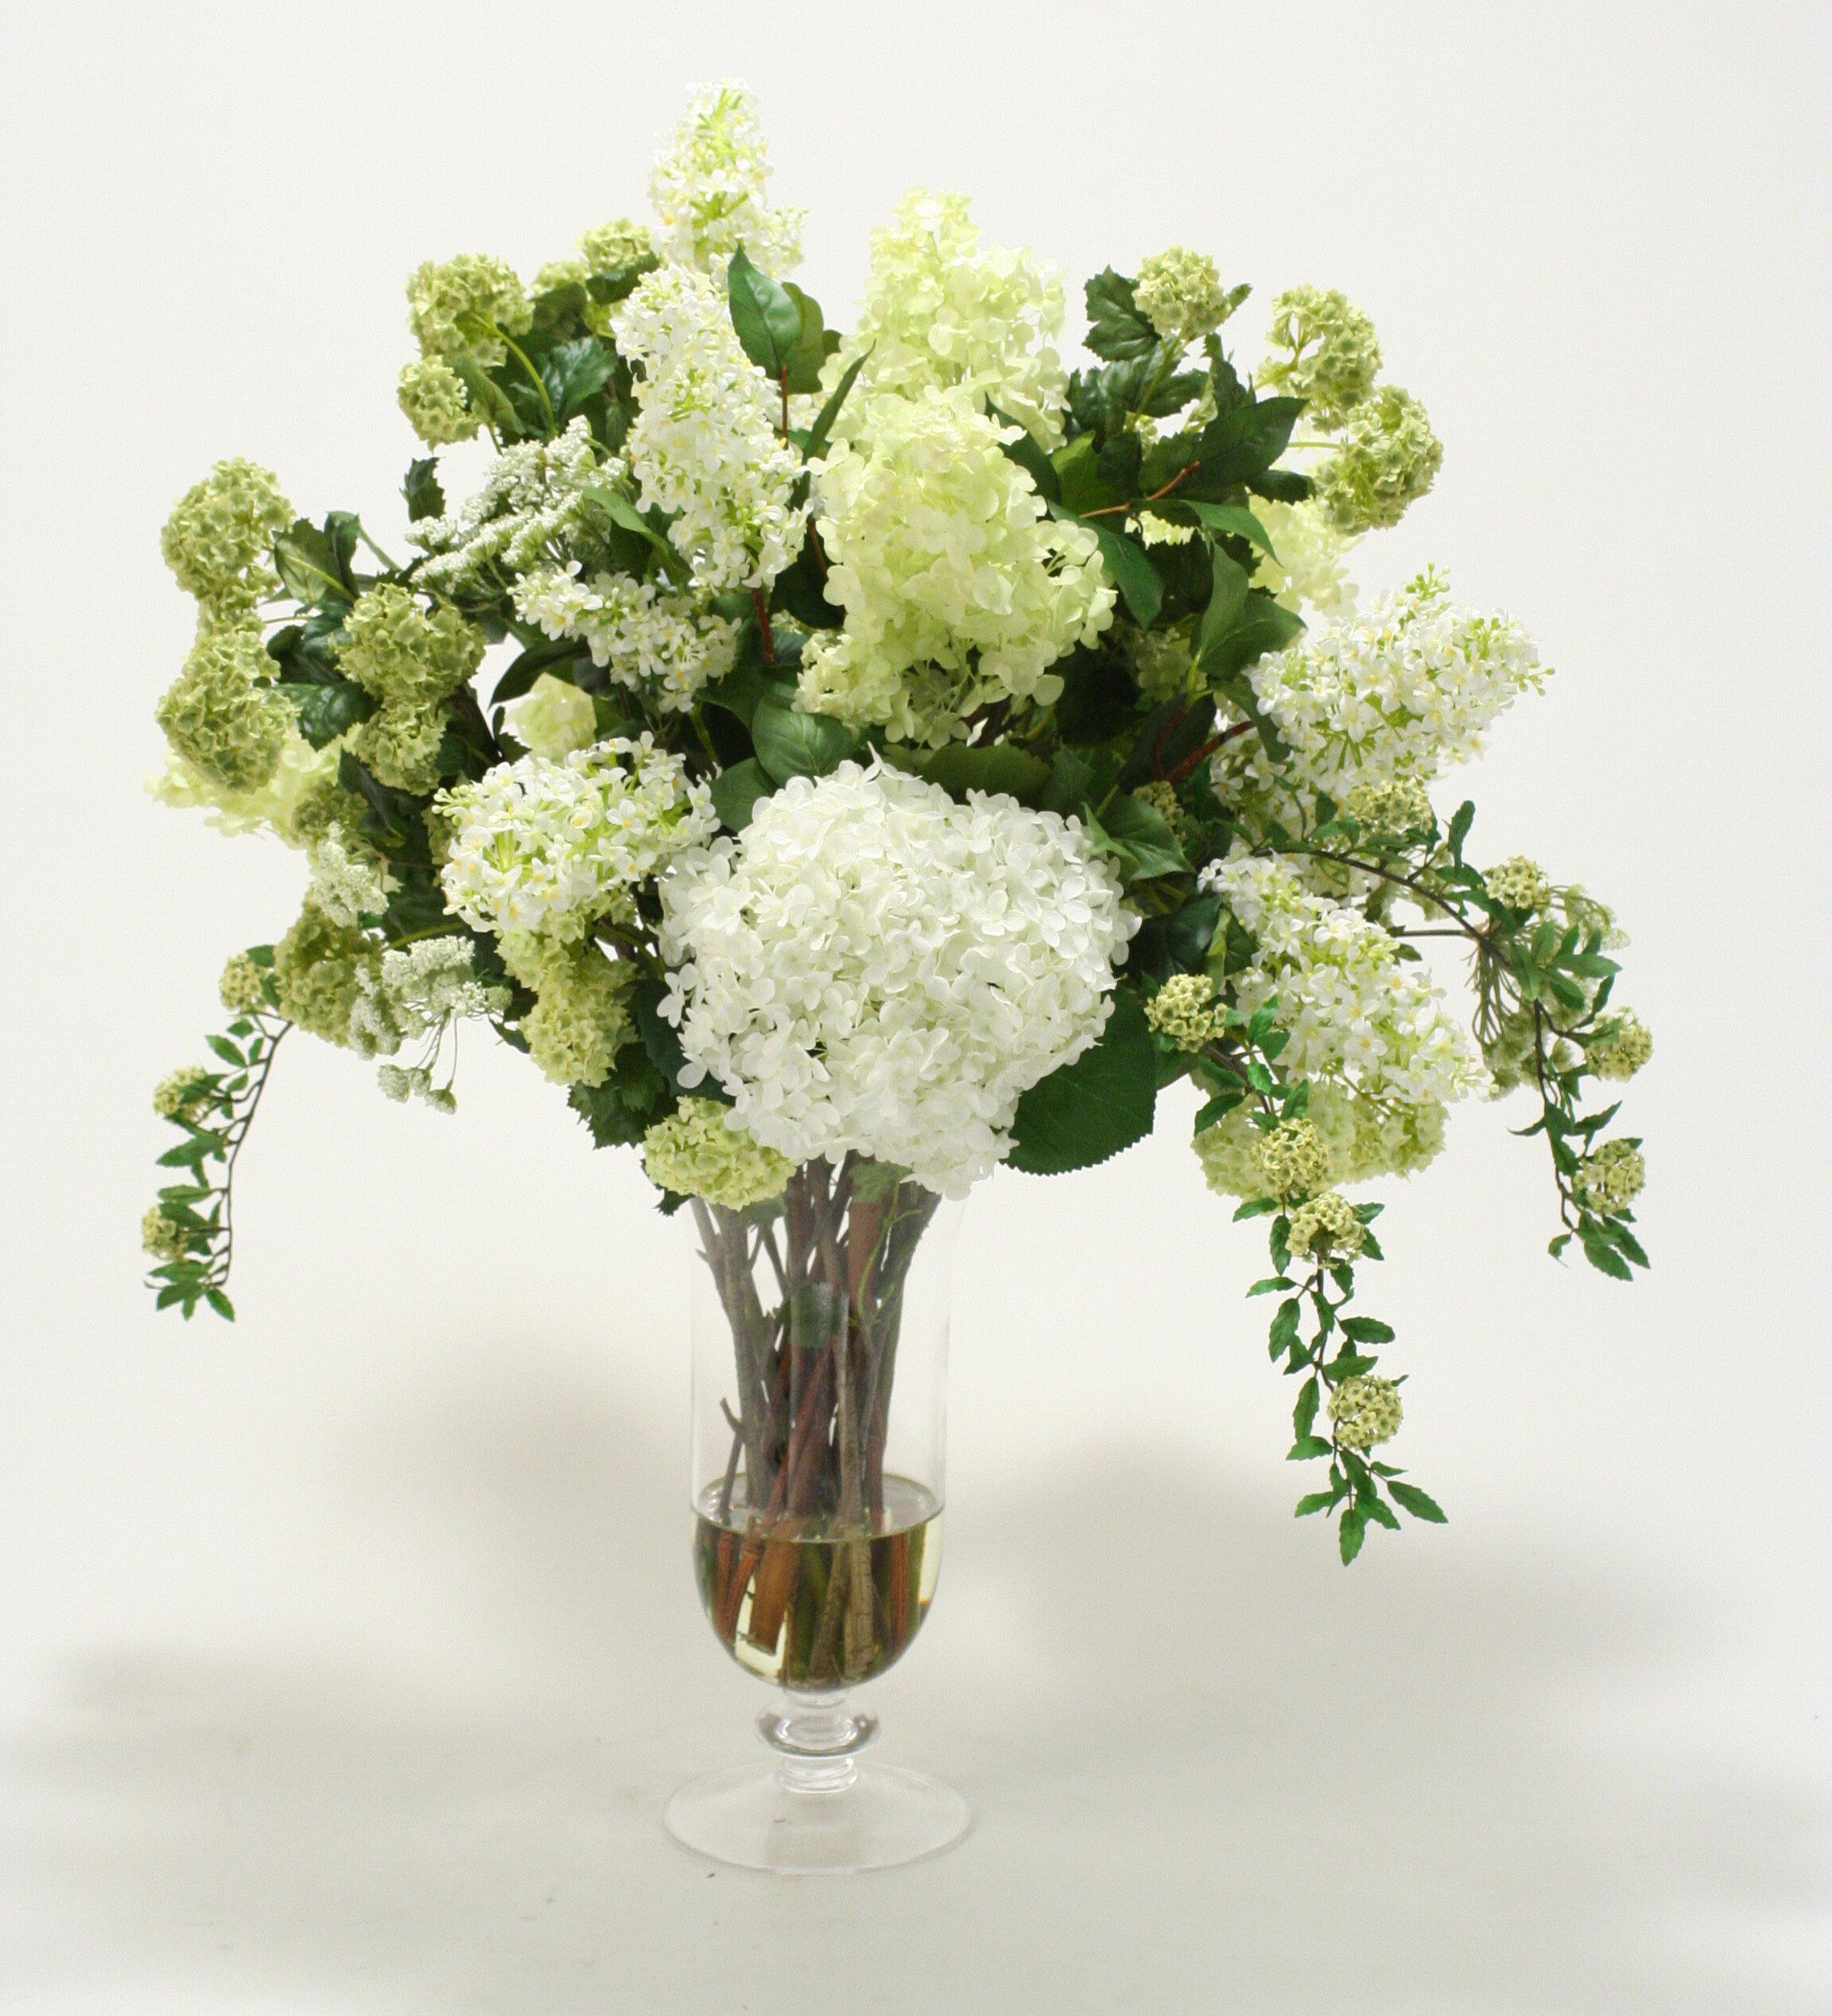 Distinctive Designs Waterlook Silk Floral Arrangement Mix With